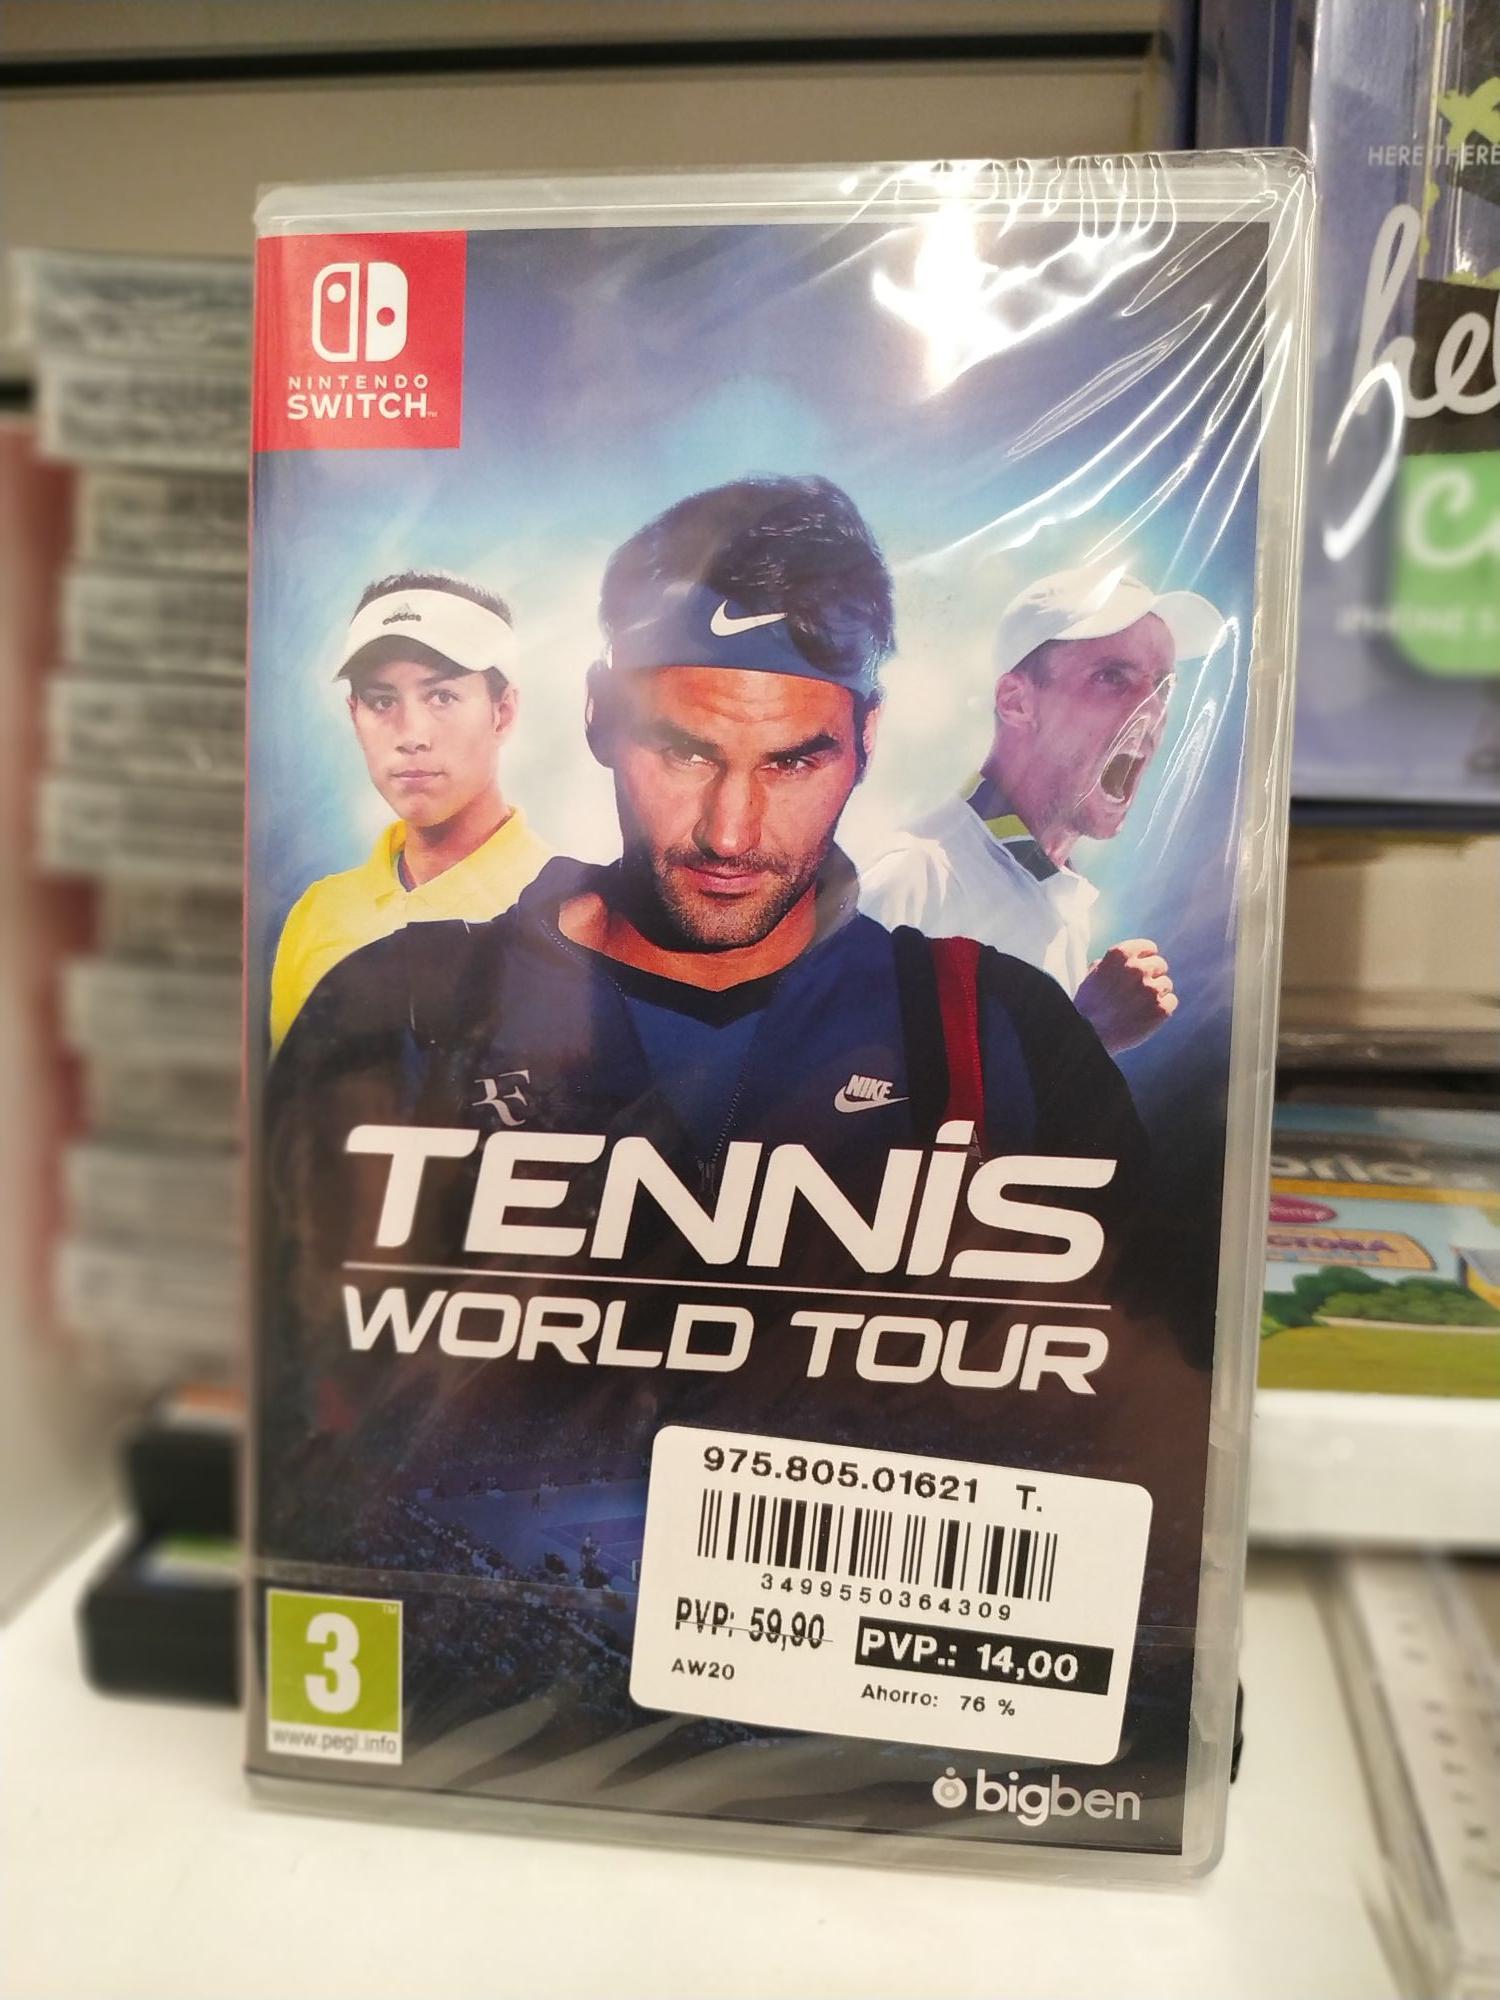 Tennis World Tour Switch / Corte Inglés Outlet C.C. Parque corredor (Torrejón de Ardoz)